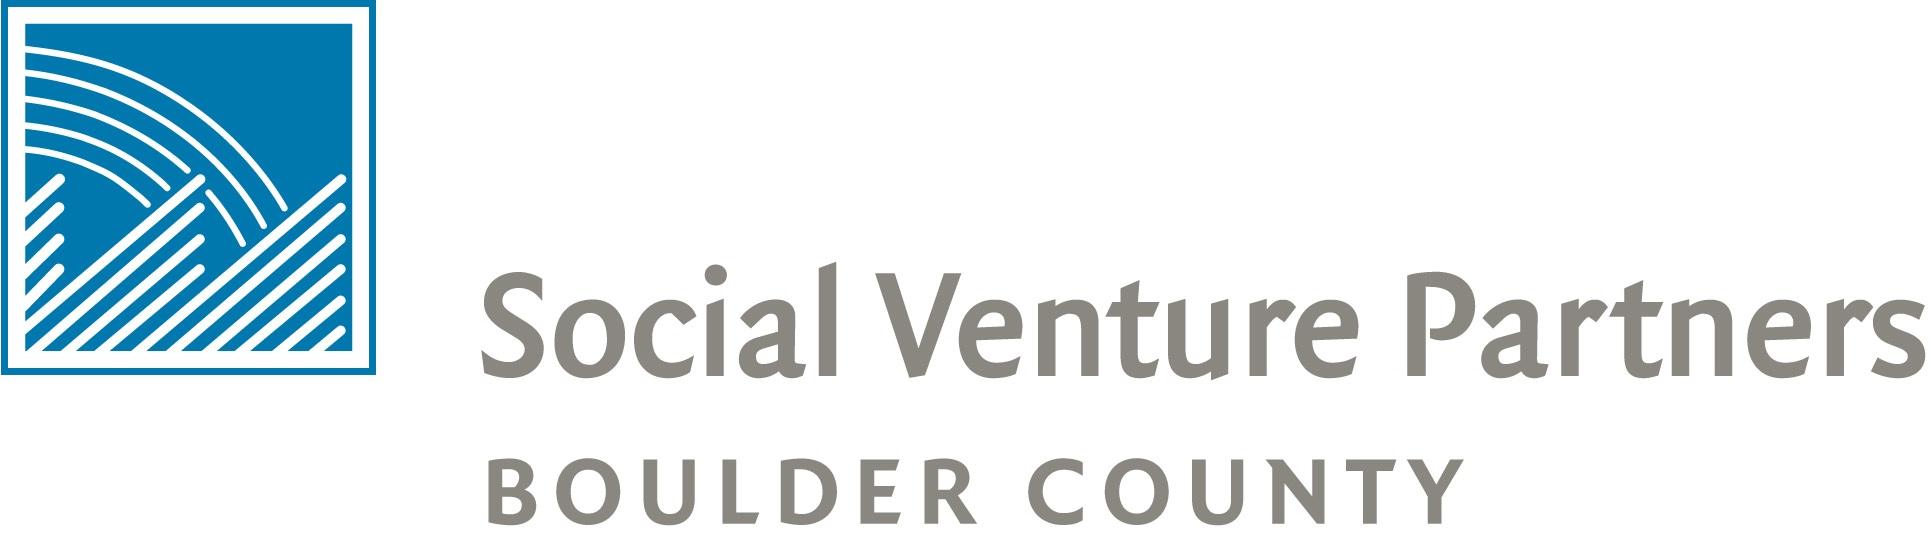 SVP Boulder County